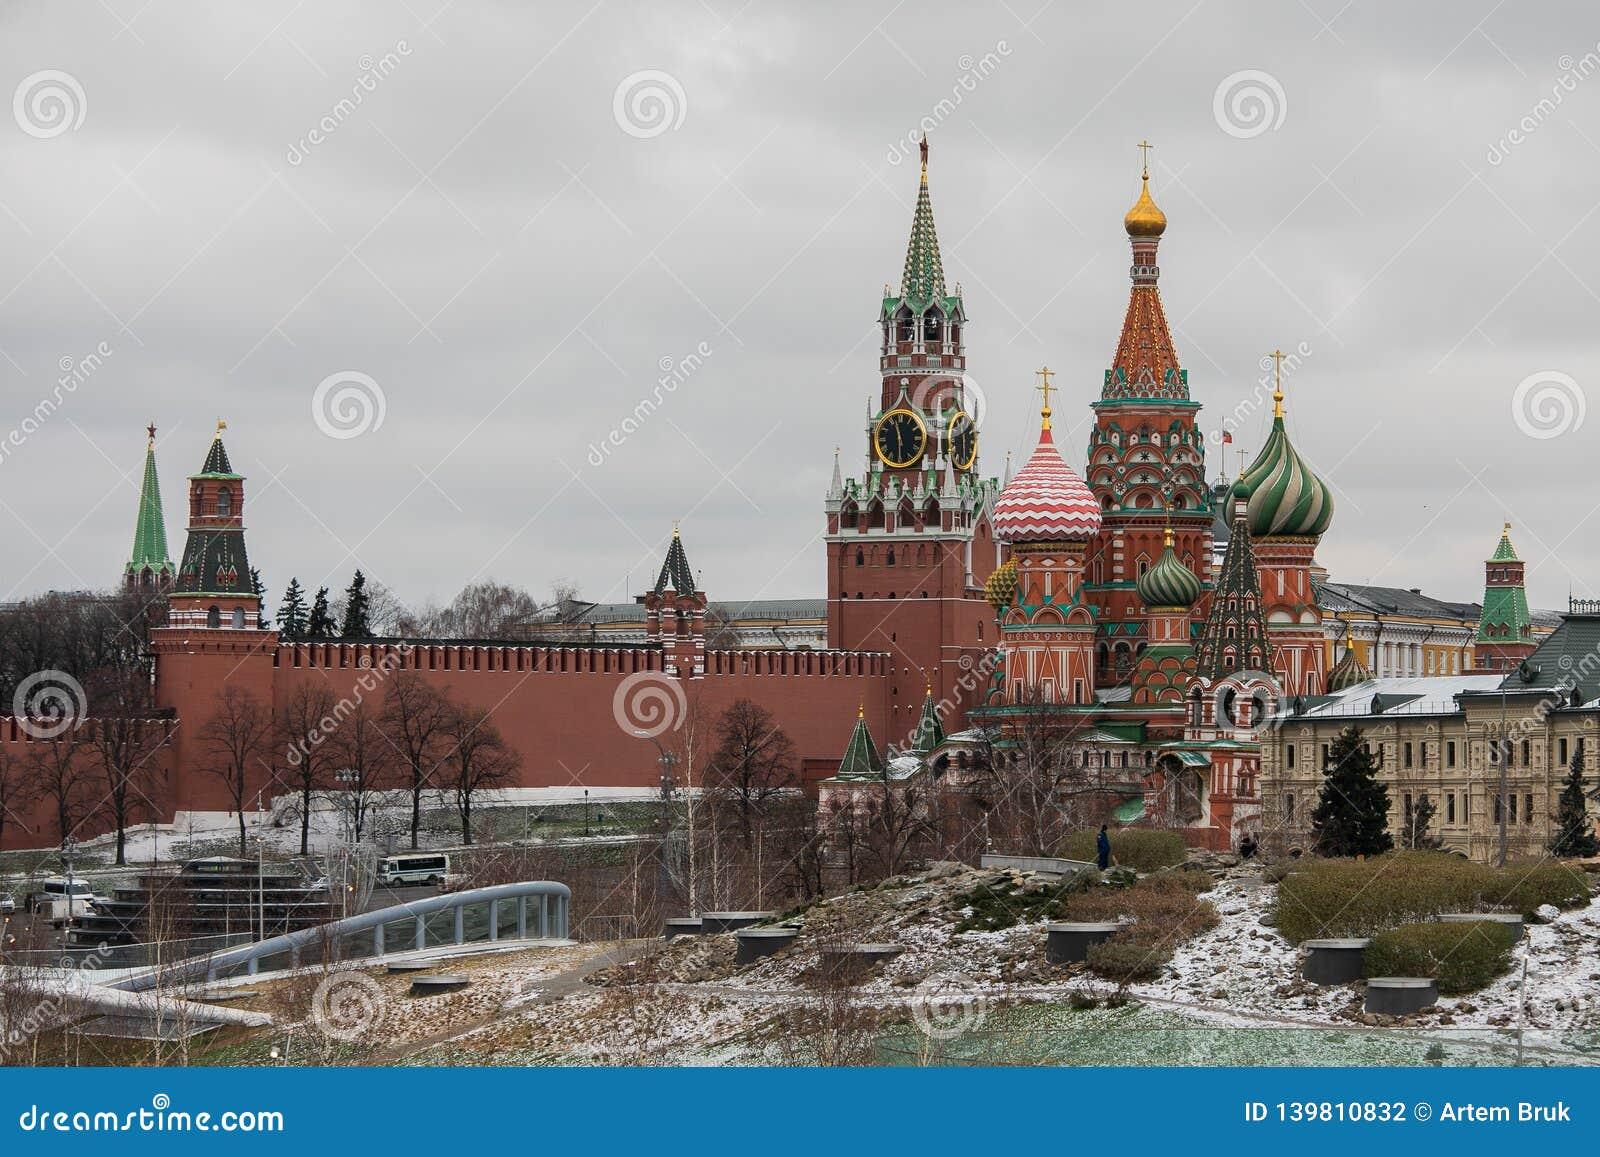 Moskau, Russland - 10. Dezember 2018: Ansicht vom schneebedeckten Park